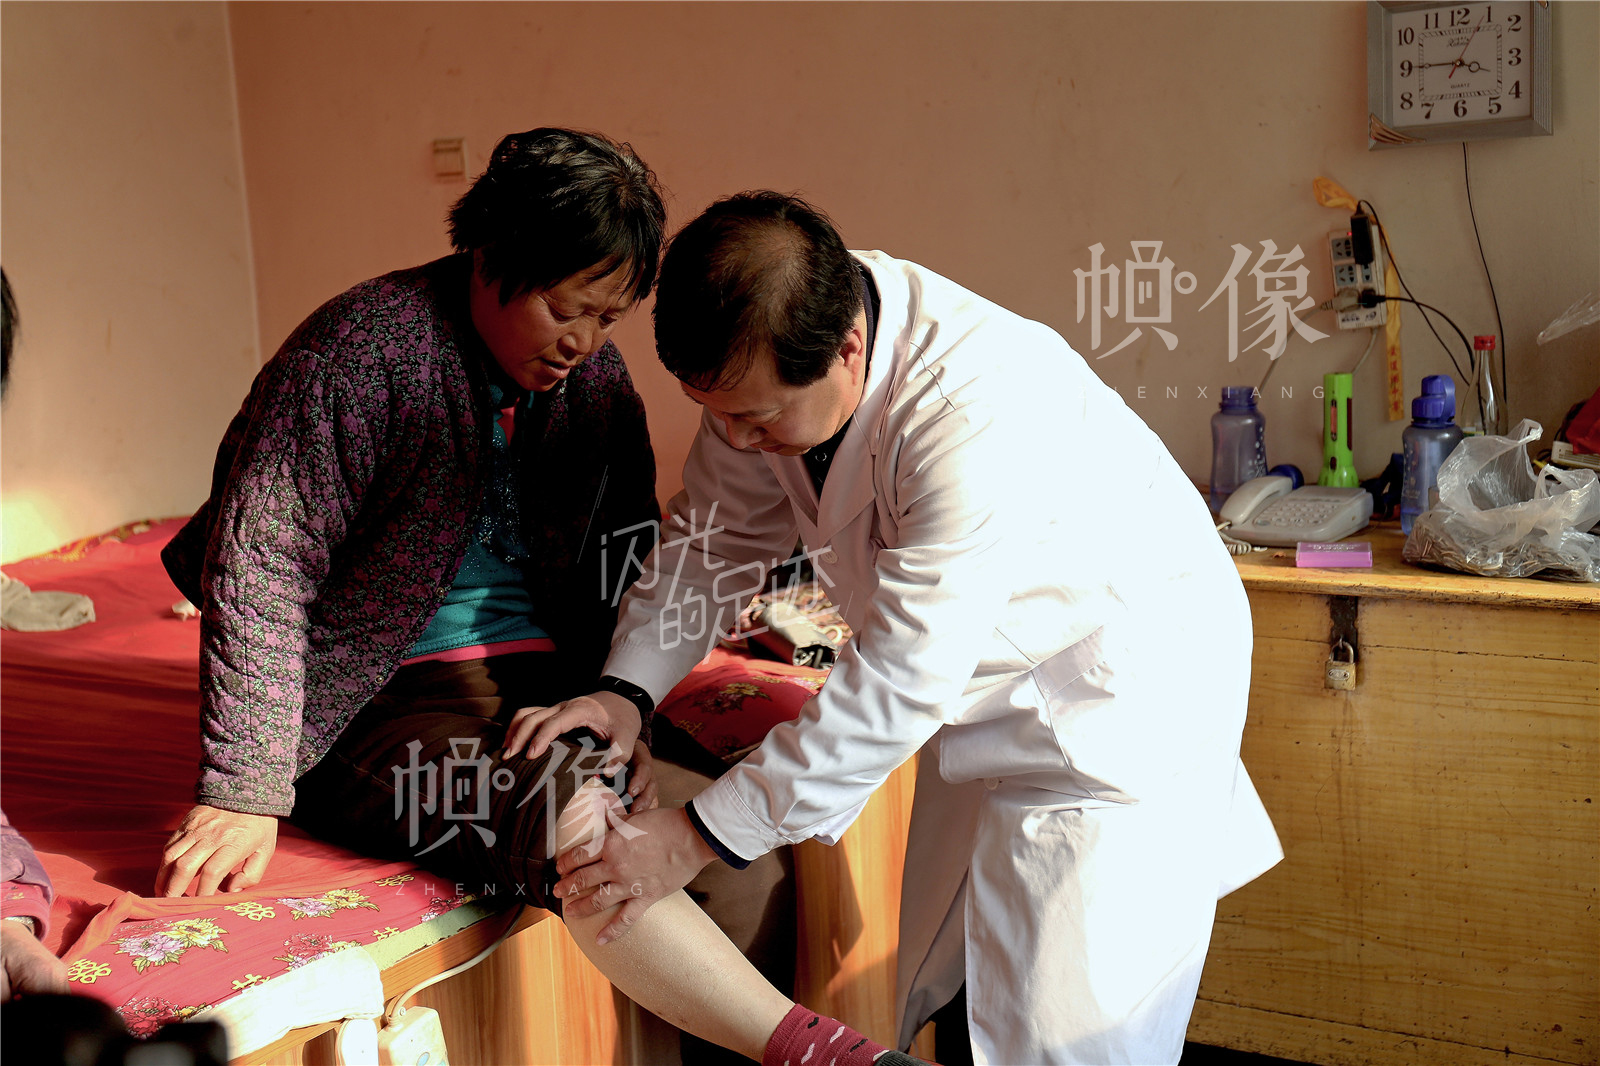 王金海为周景荣检查完身体后,也为周景荣的邻居古秀玲免费检查。中国网记者 黄富友 摄